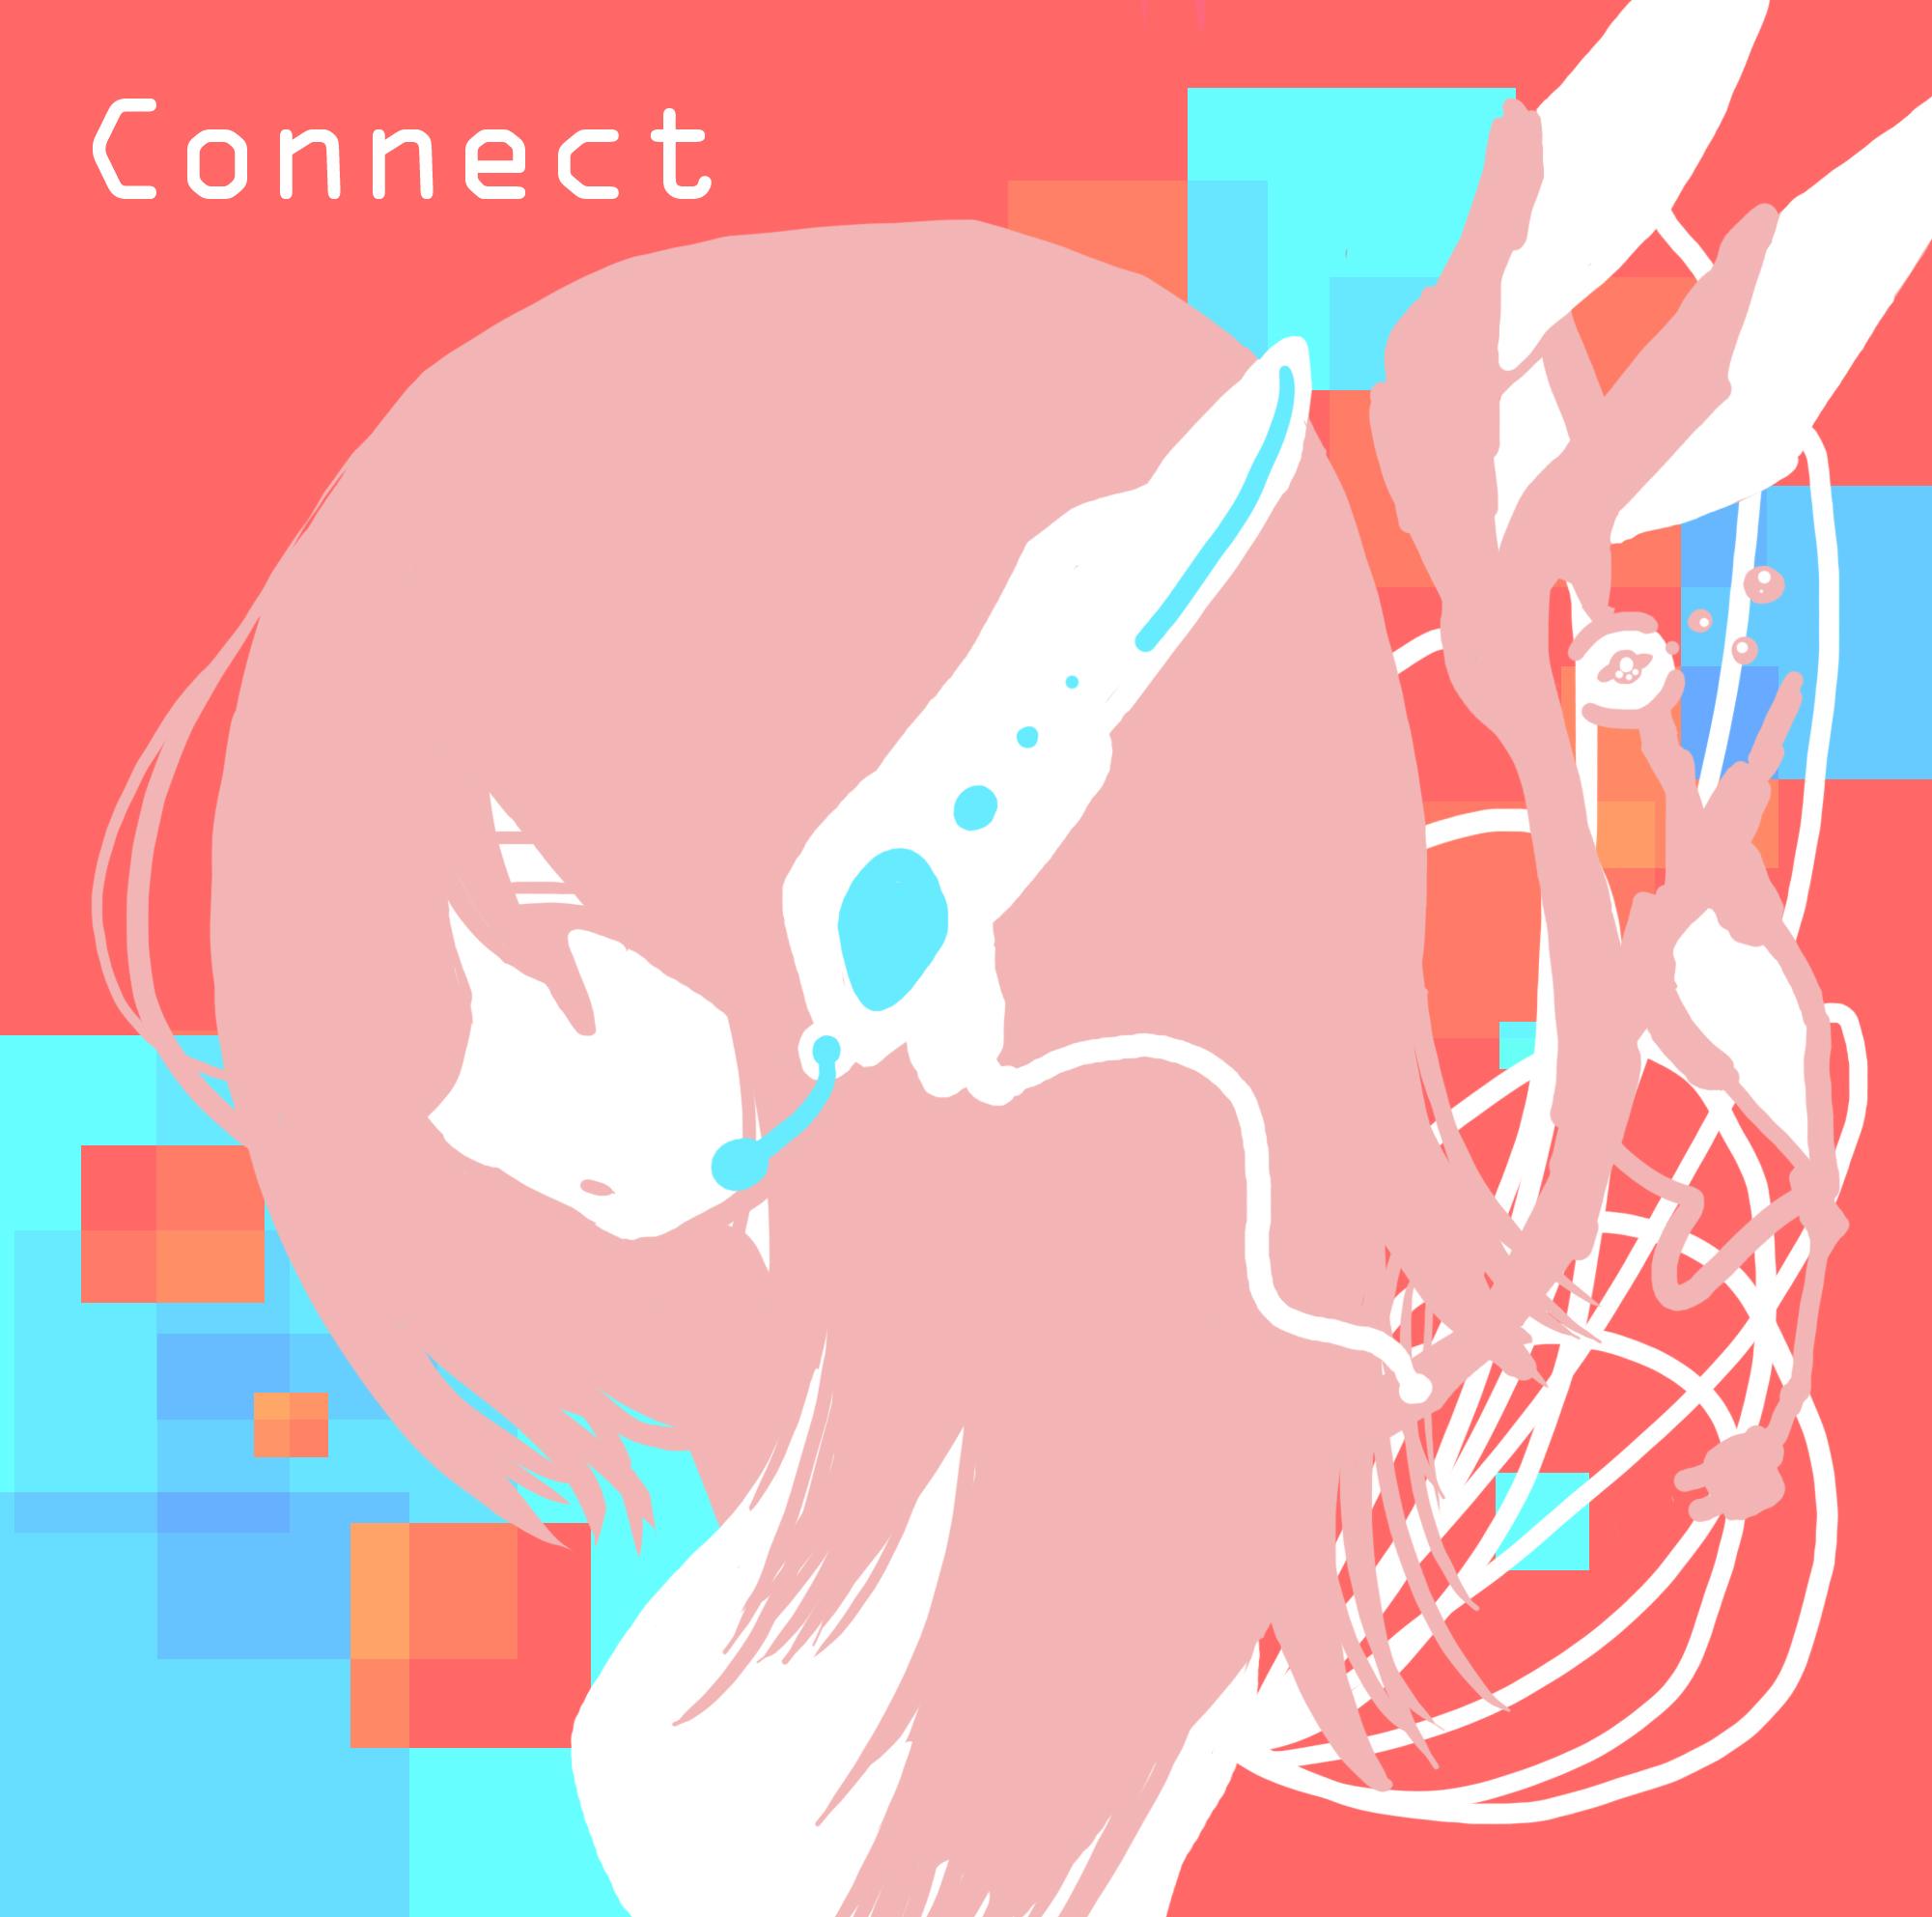 [曲]Connect